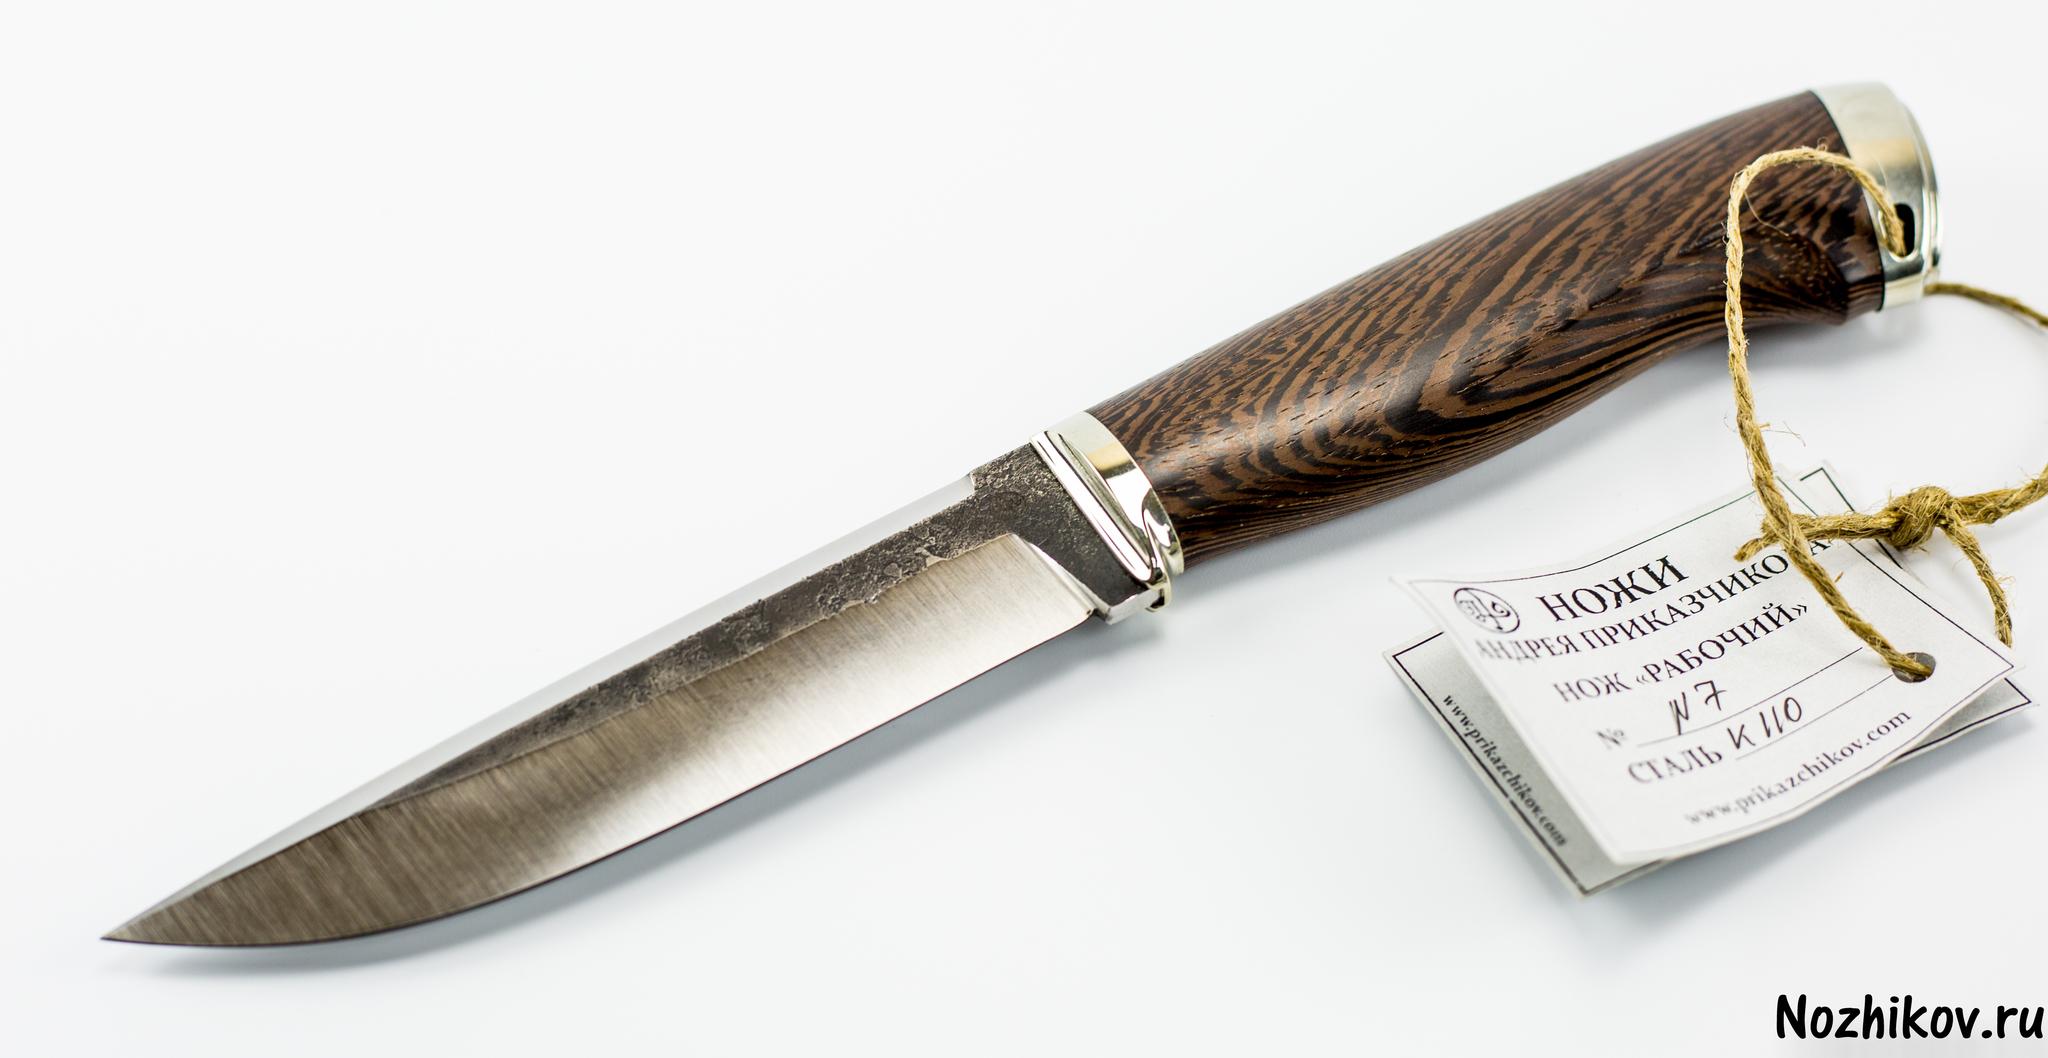 Нож Рабочий №7 из K110, от ПриказчиковаНожи Павлово<br><br>